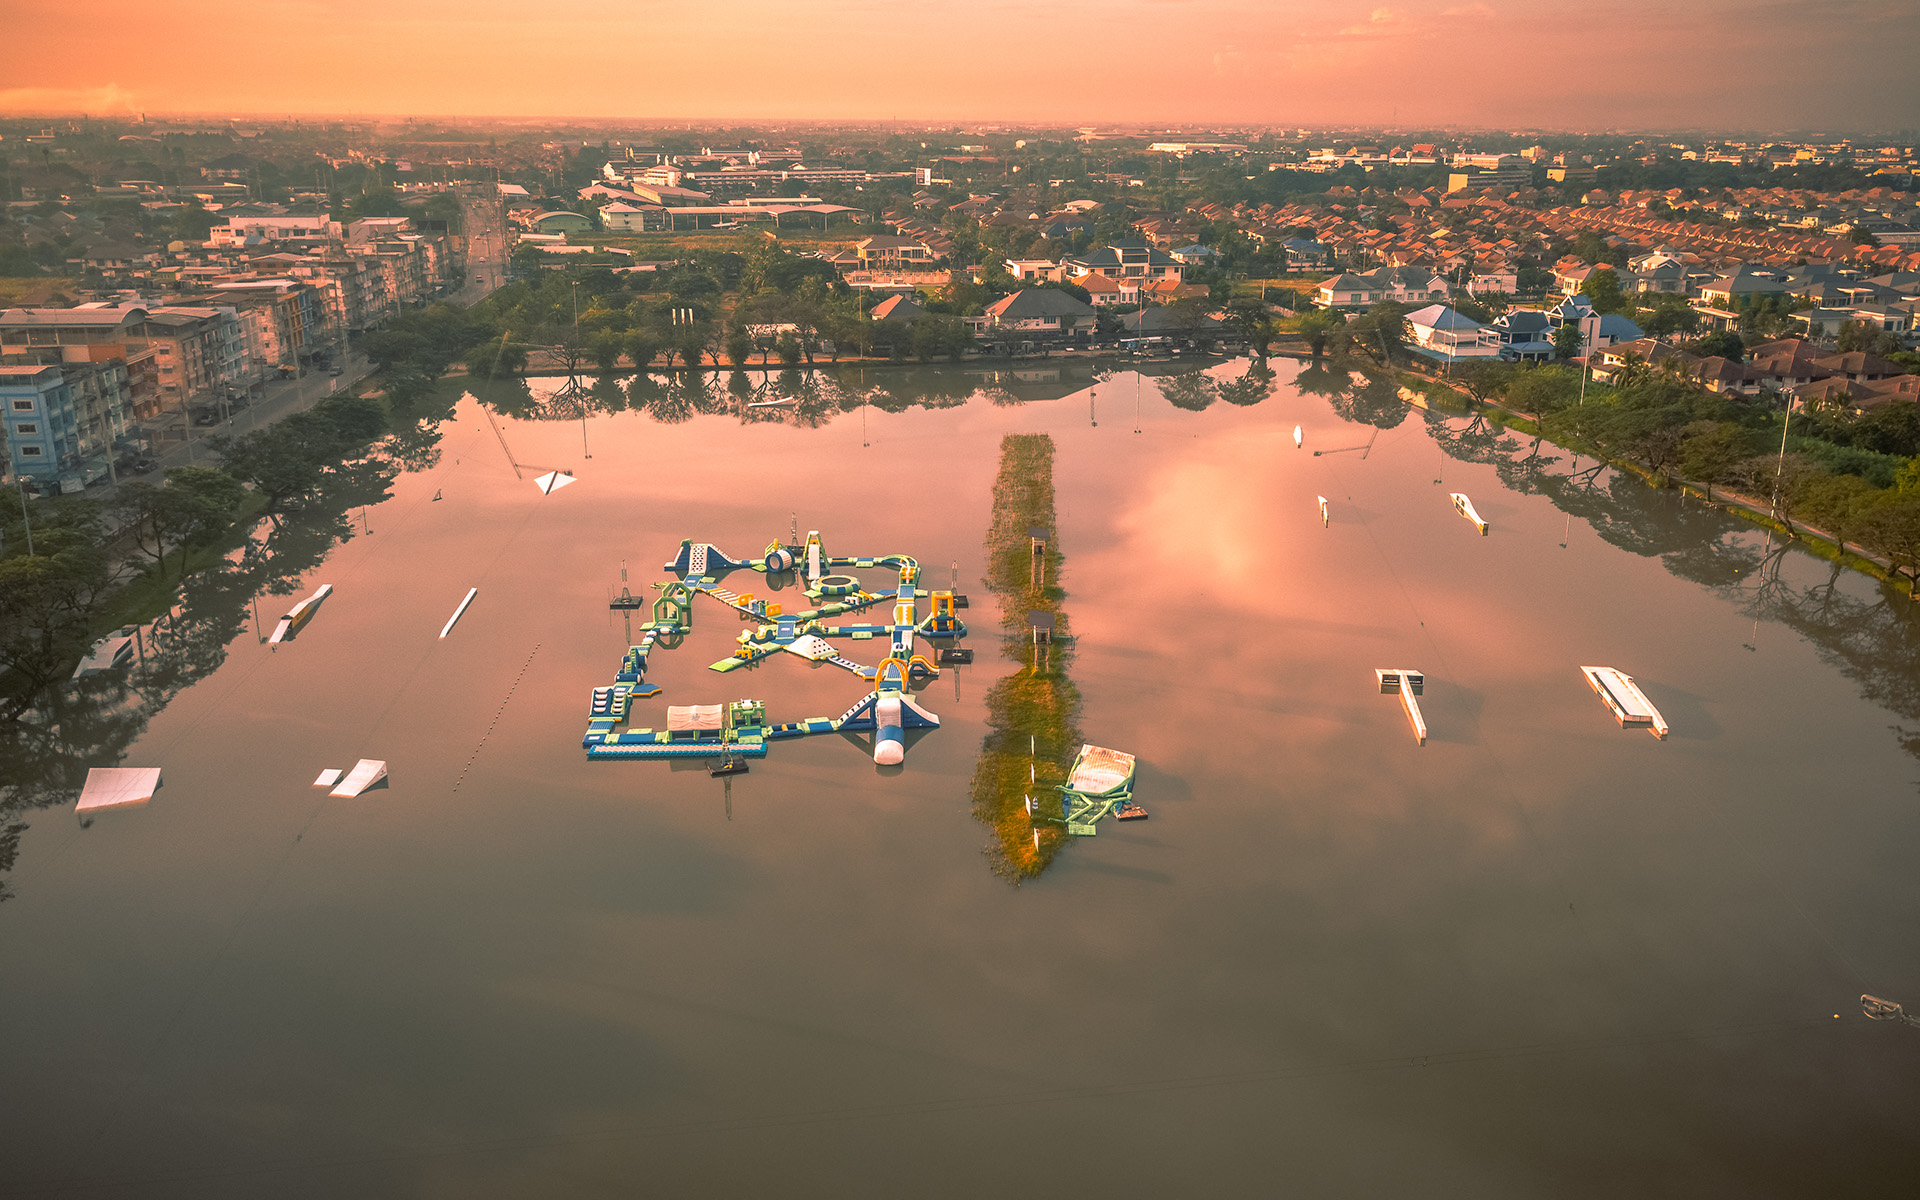 Zanook Wake Park-zanook sunrise